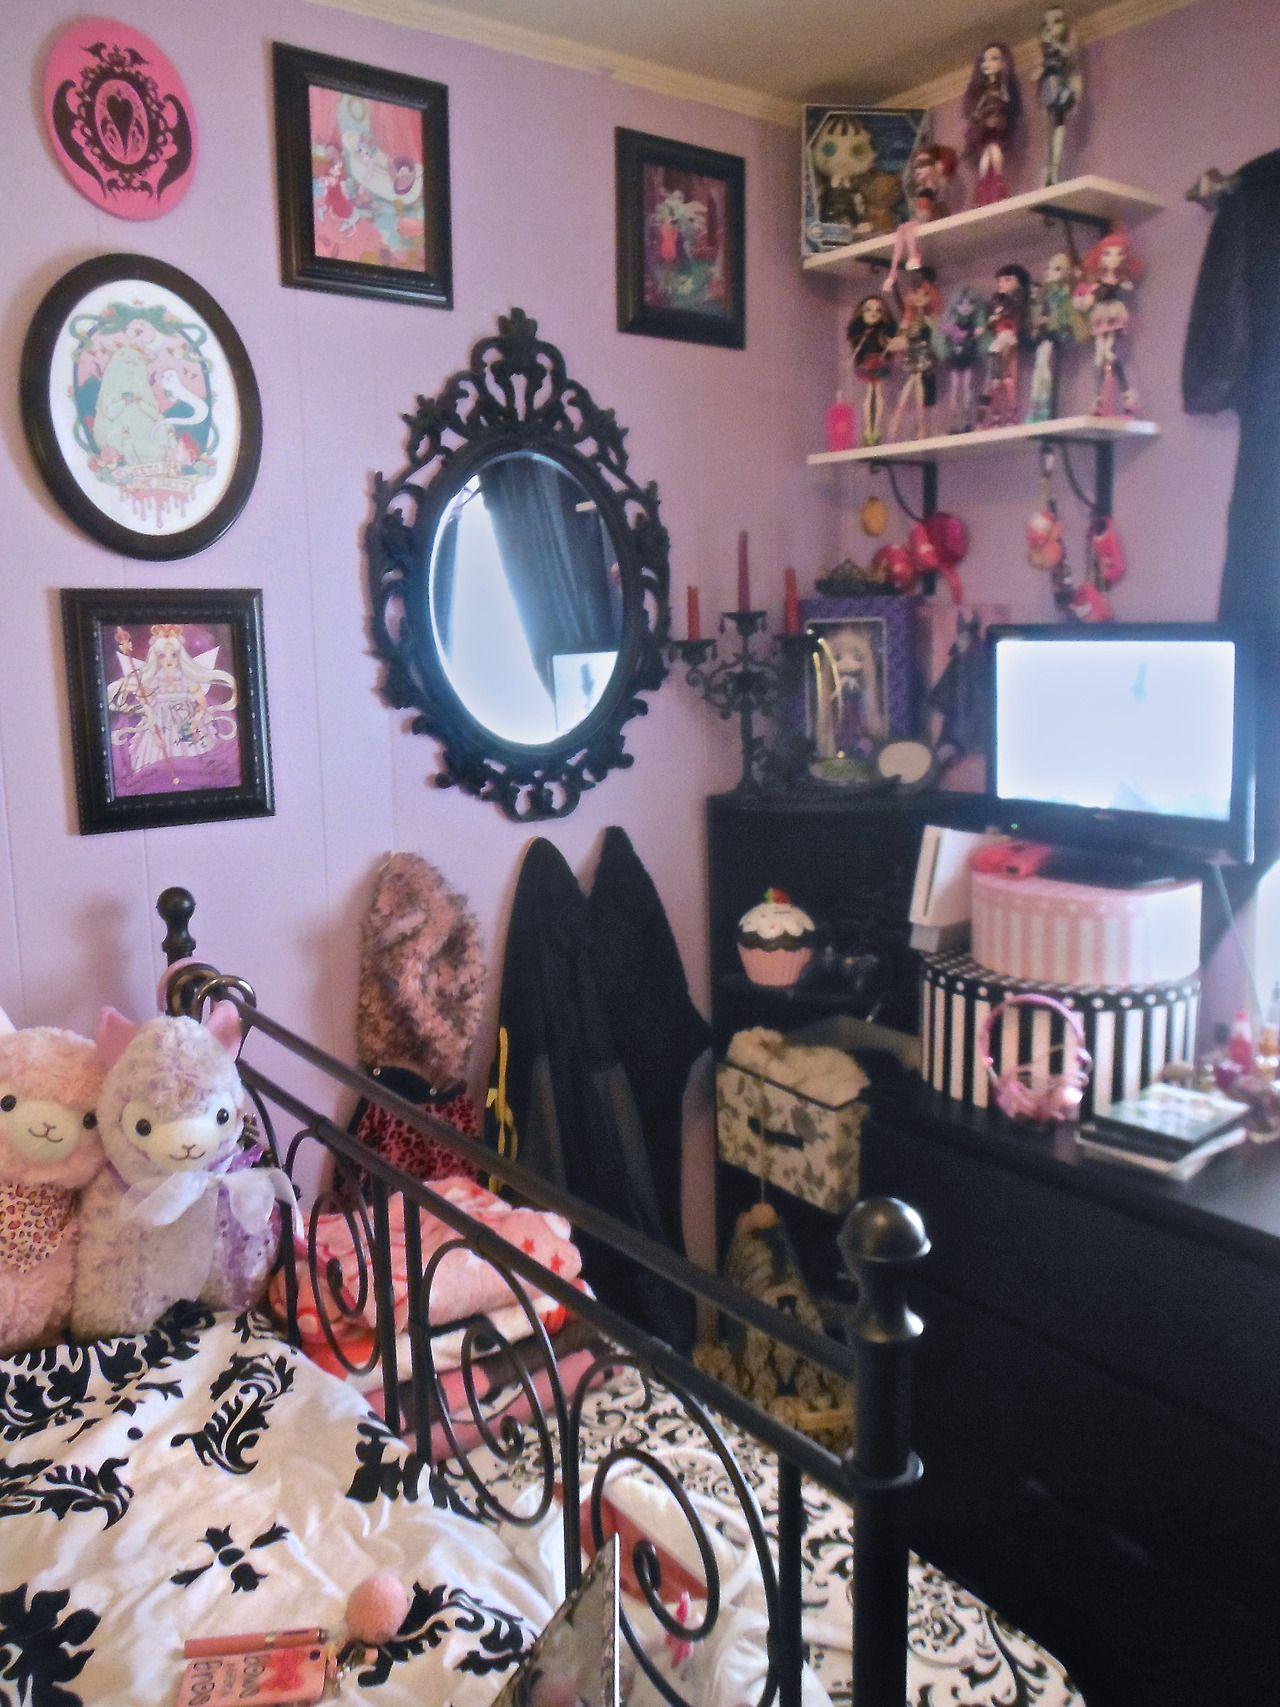 jaynejezebelle My new room is freakin sweet